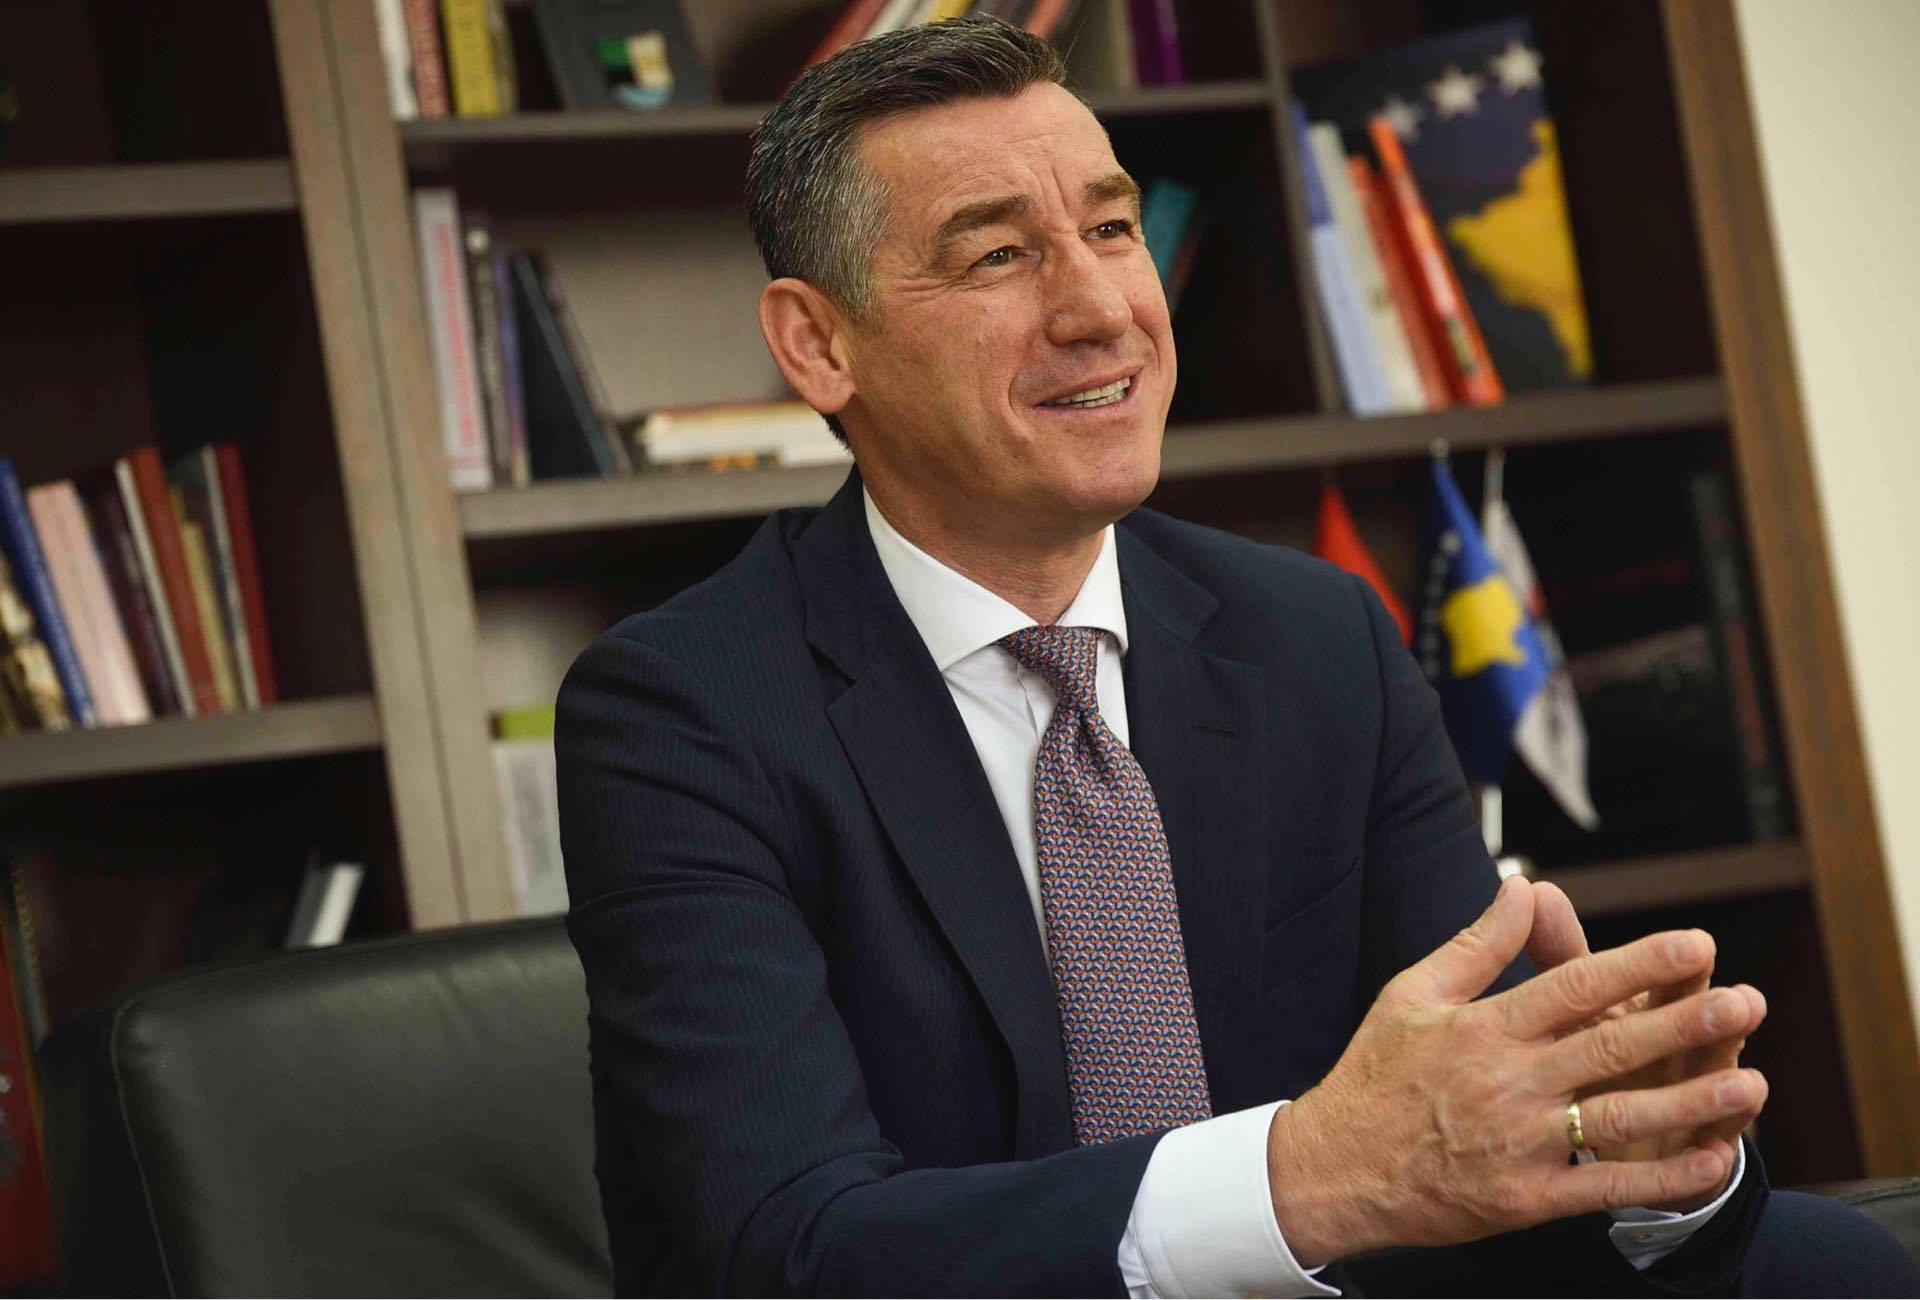 Veseli: Gjykata Speciale do të jetë sfidë për Kosovën